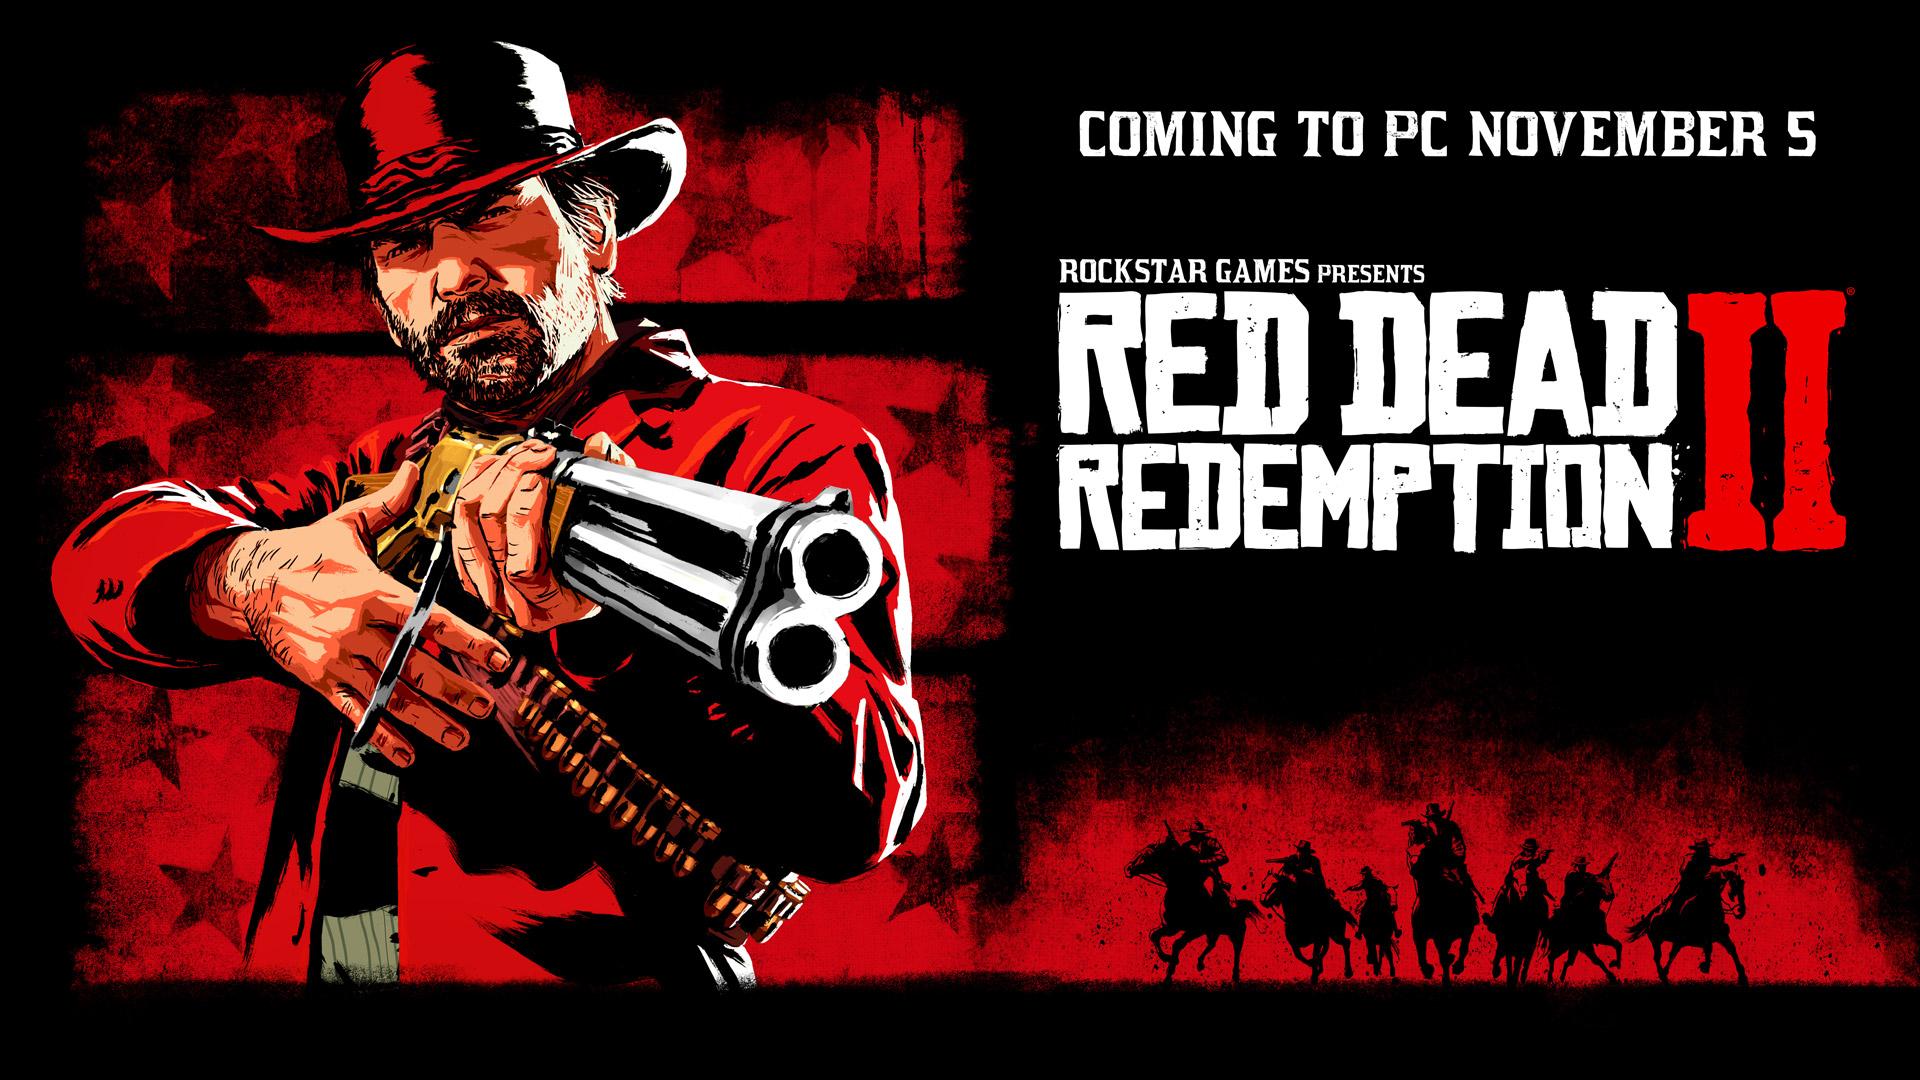 2 juegos de Rockstar para PC de regalo al reservar RDR2